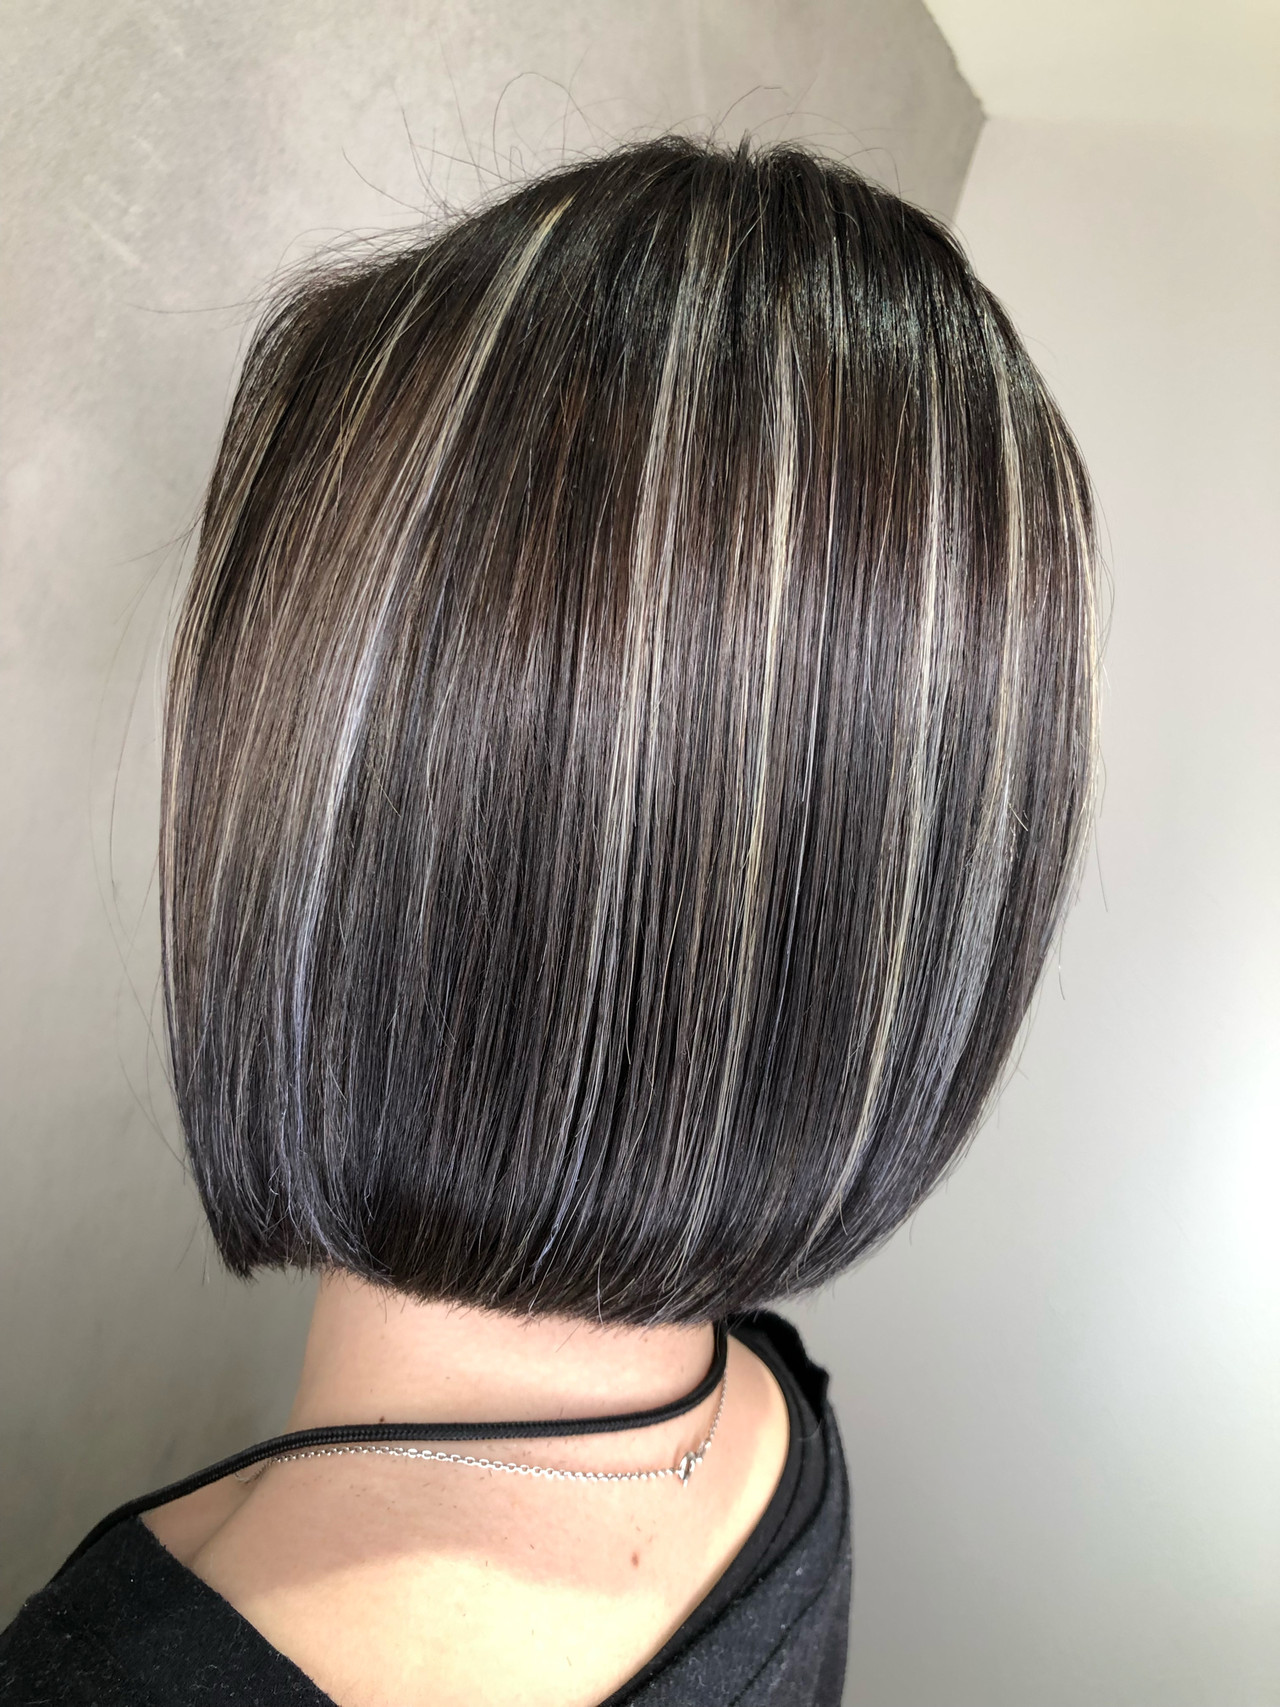 スポーツ 外国人風カラー 簡単ヘアアレンジ ストリート ヘアスタイルや髪型の写真・画像 | 筒井 隆由 / Hair salon mode